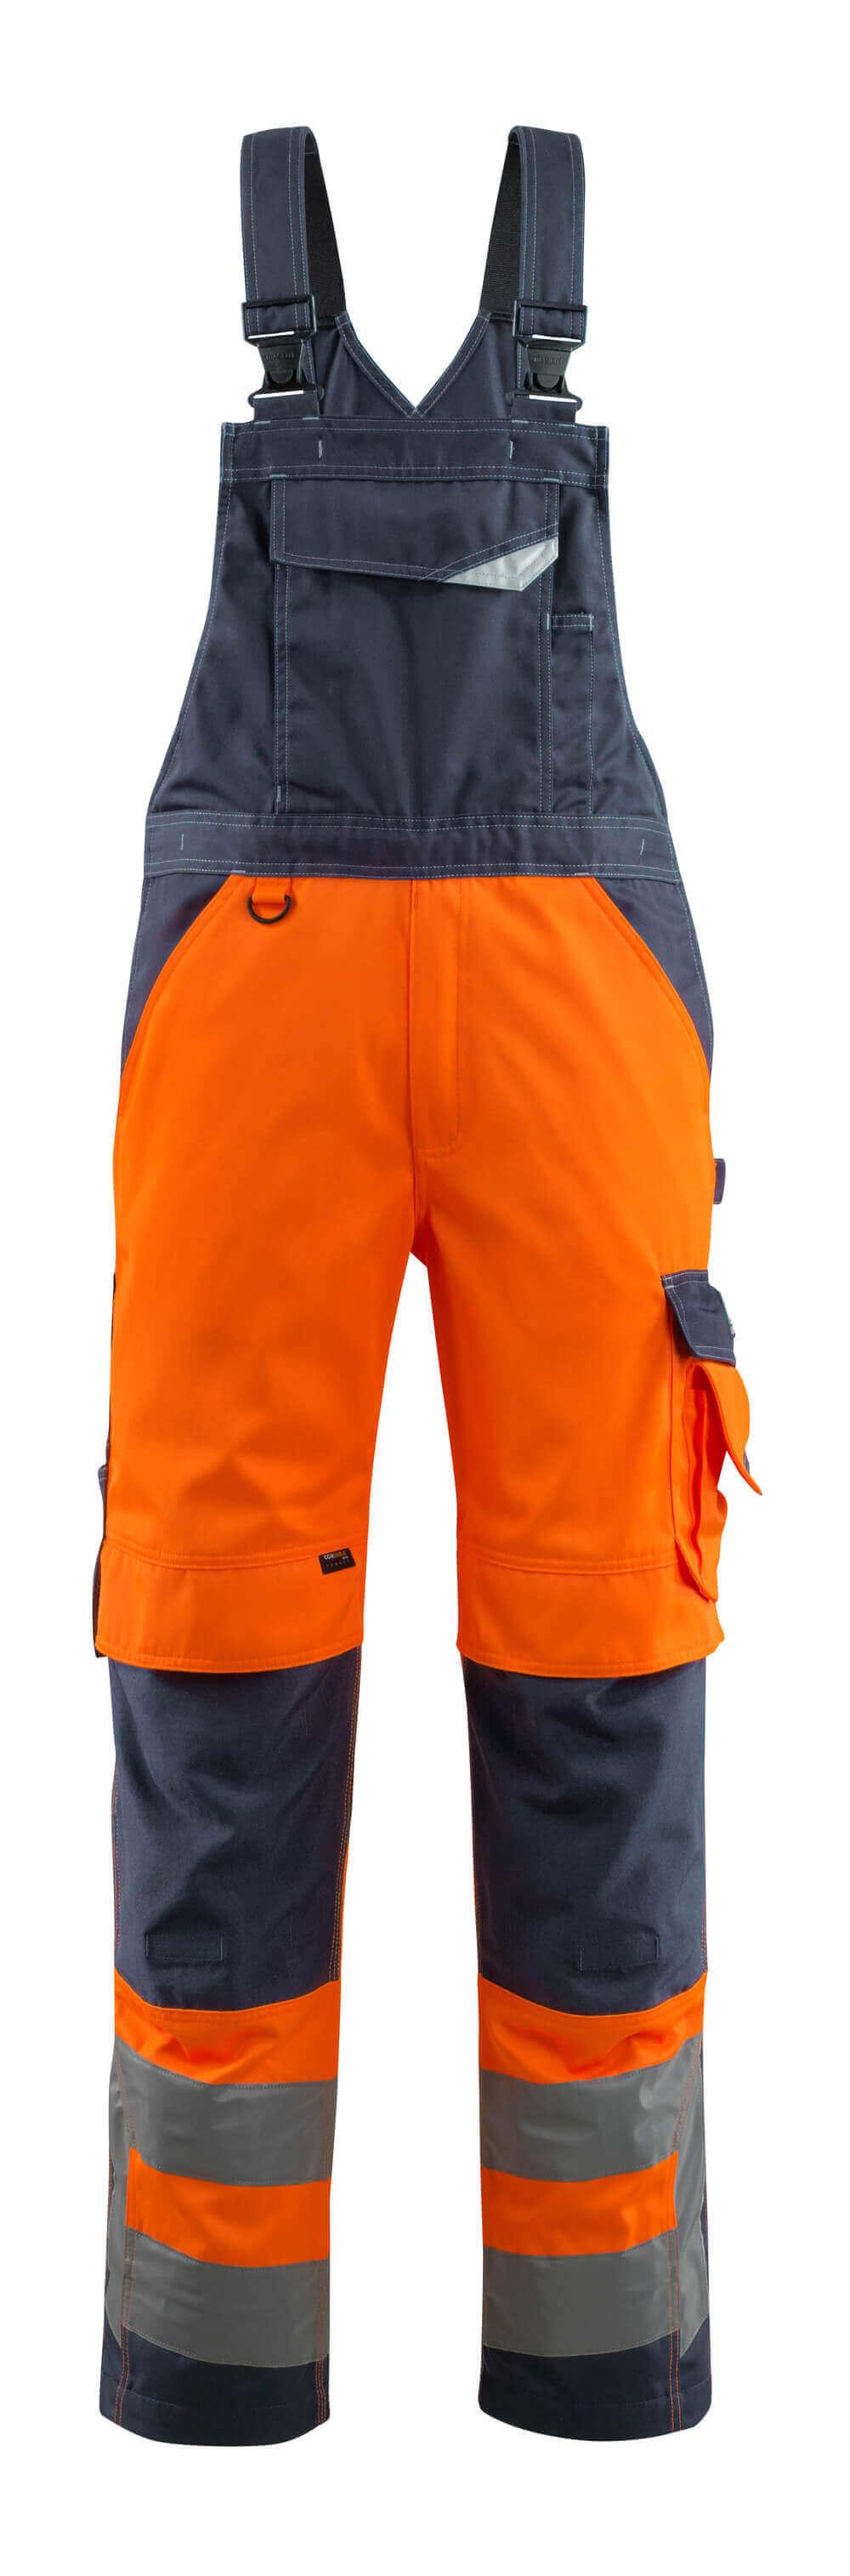 15569-860-14010 Ogrodniczki z kieszeniami na kolanach - pomarańcz hi-vis/ciemny granat